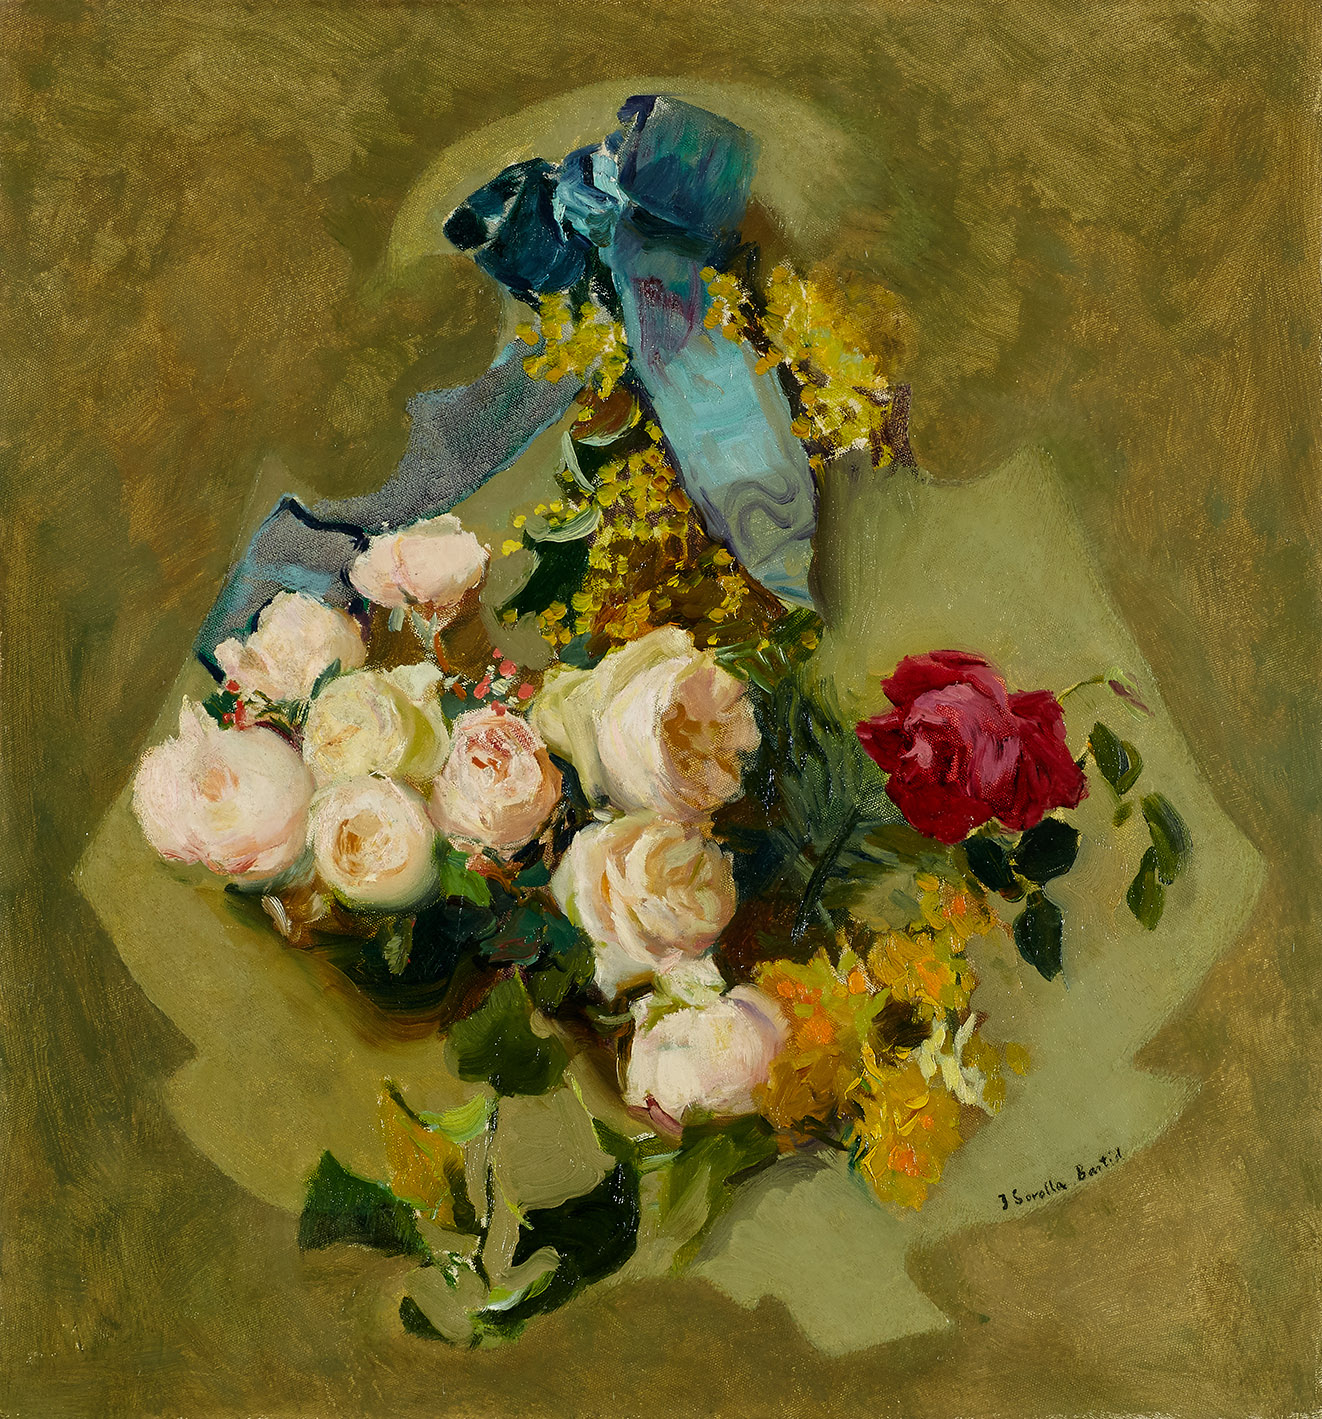 Joaquín-Sorolla-Colgante-de-flores-4-1905_th